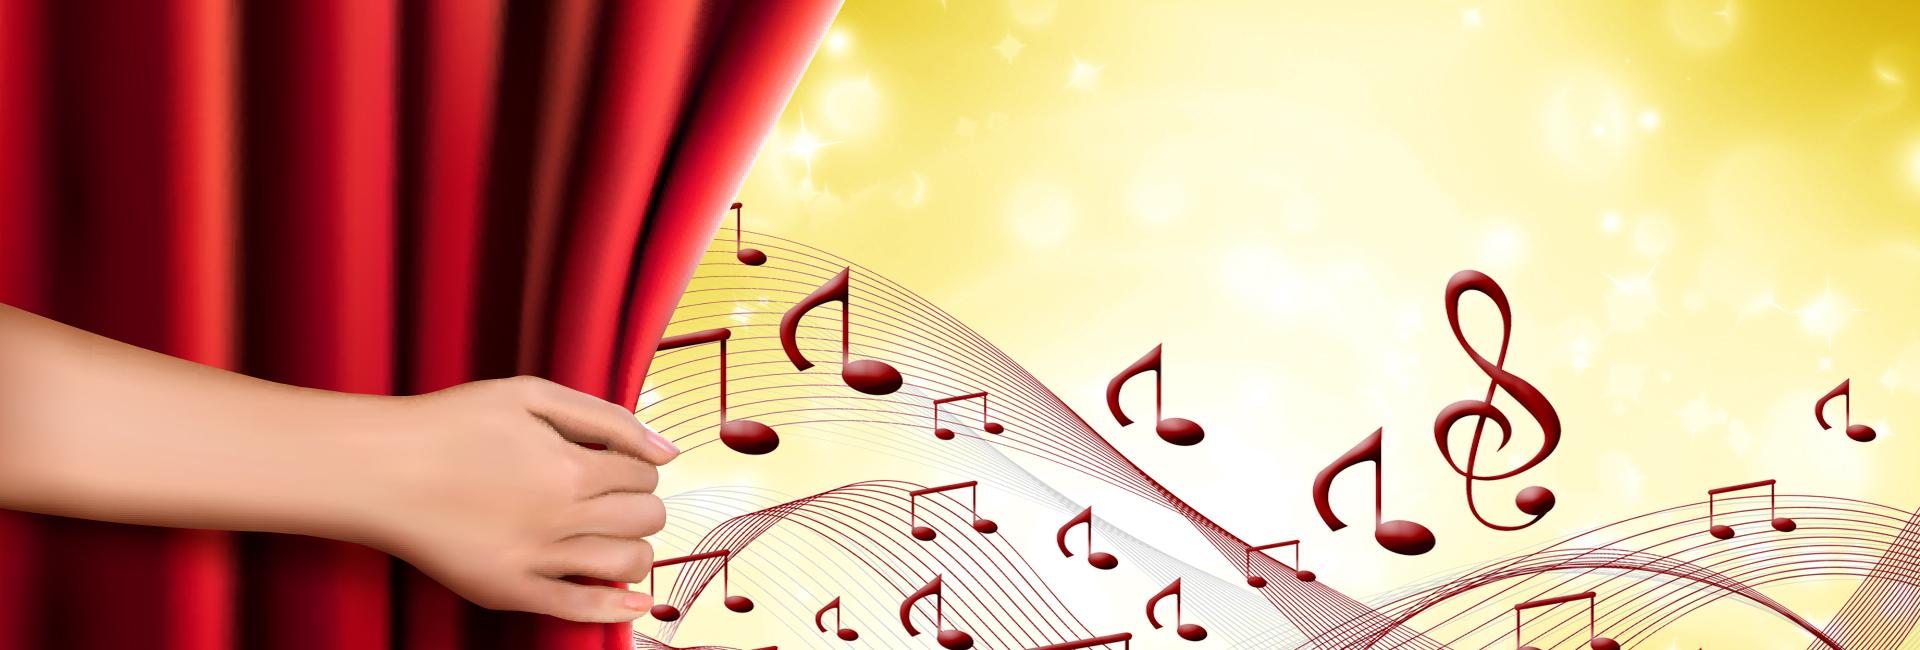 סדרת טריו מחזות זמר